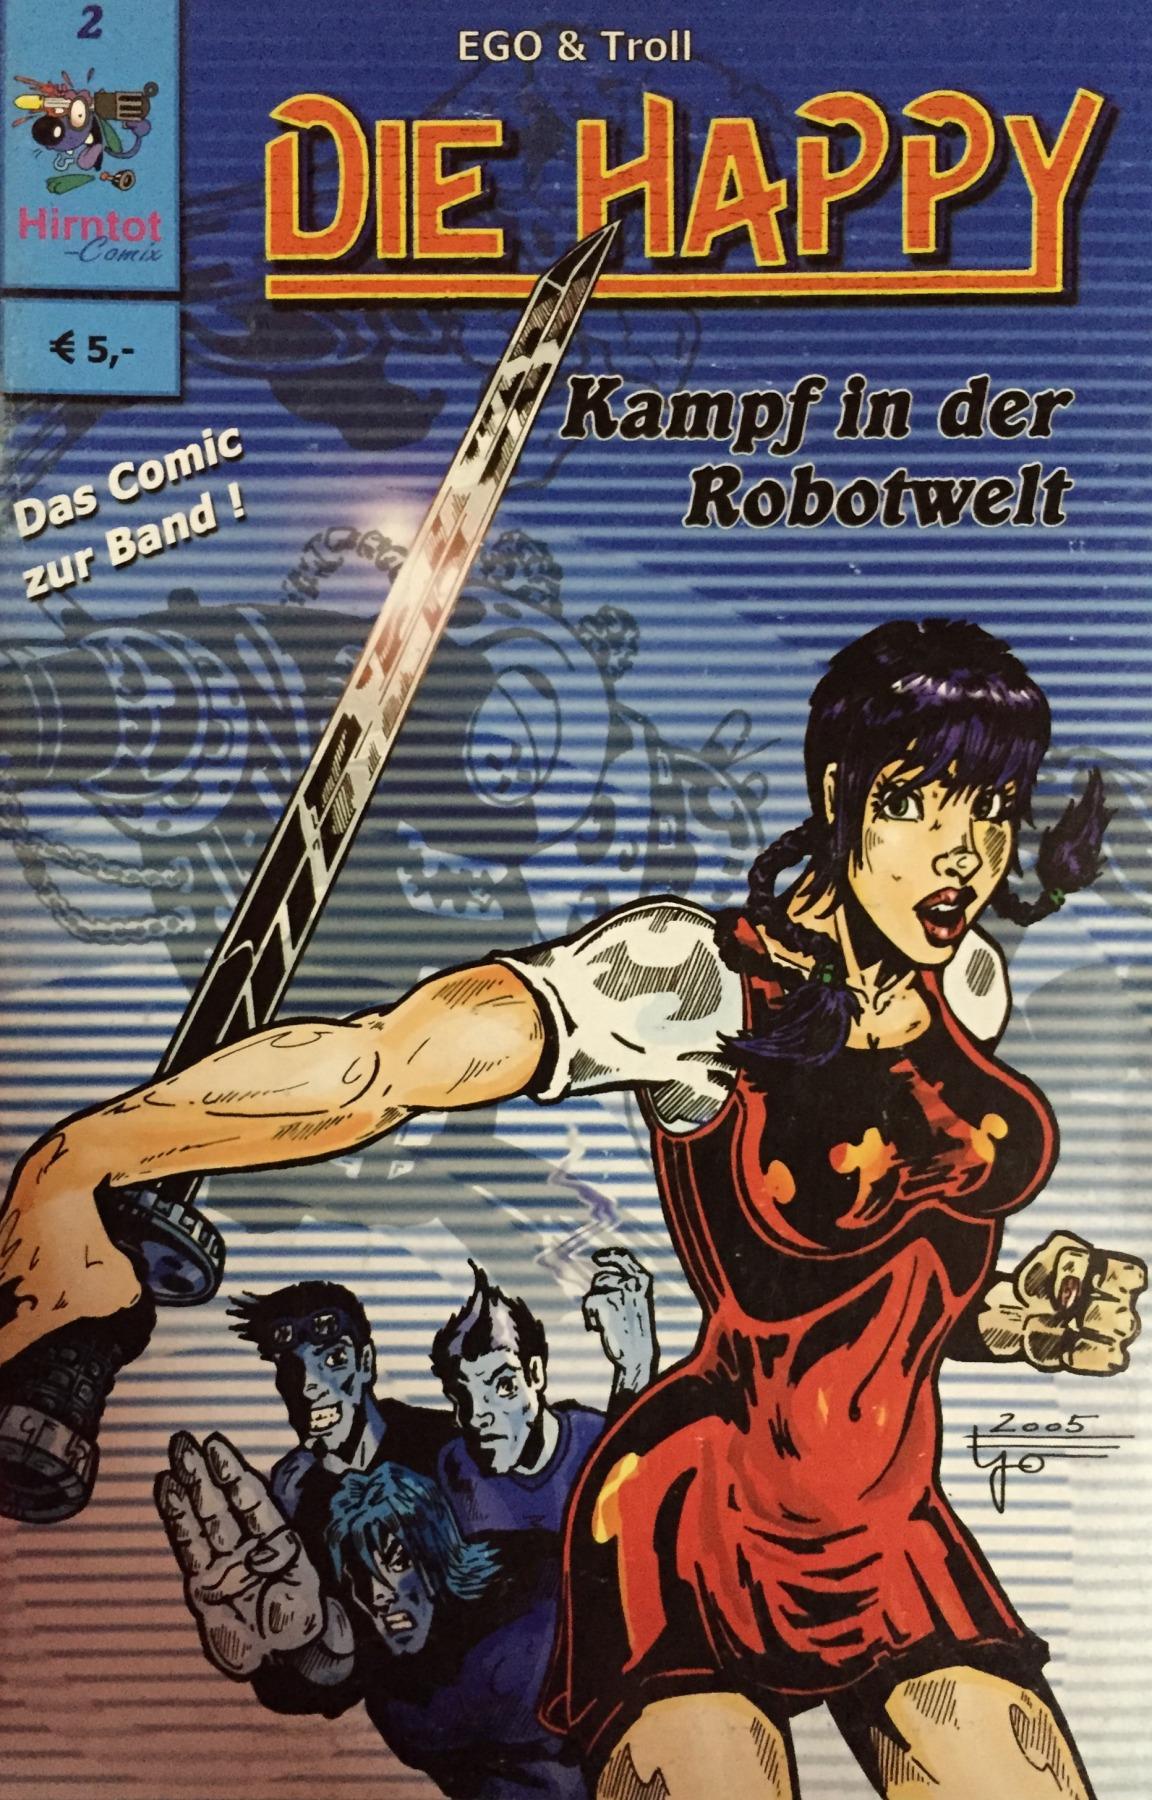 Die Happy Comic - Part 2